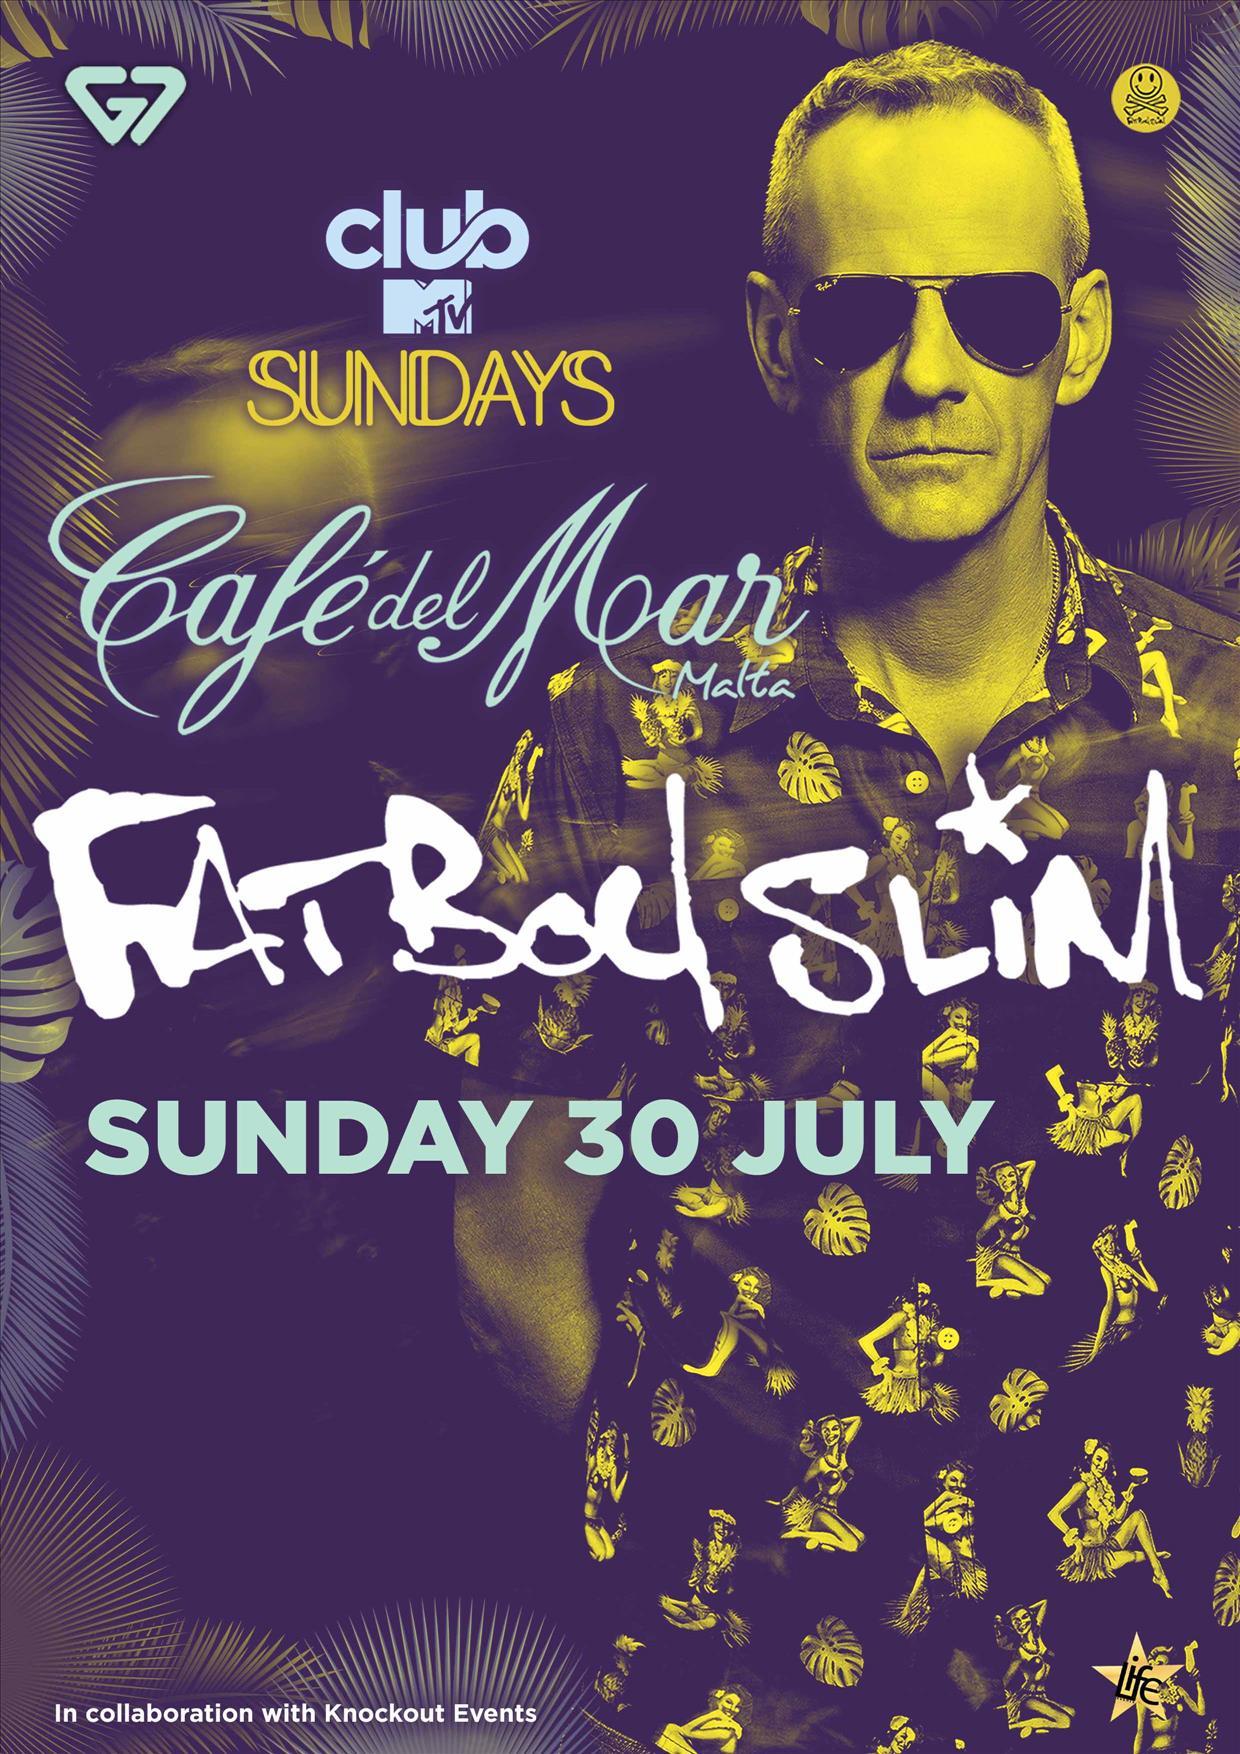 Cafe Del Mar Sunset Special Ft. FAT BOY SLIM flyer